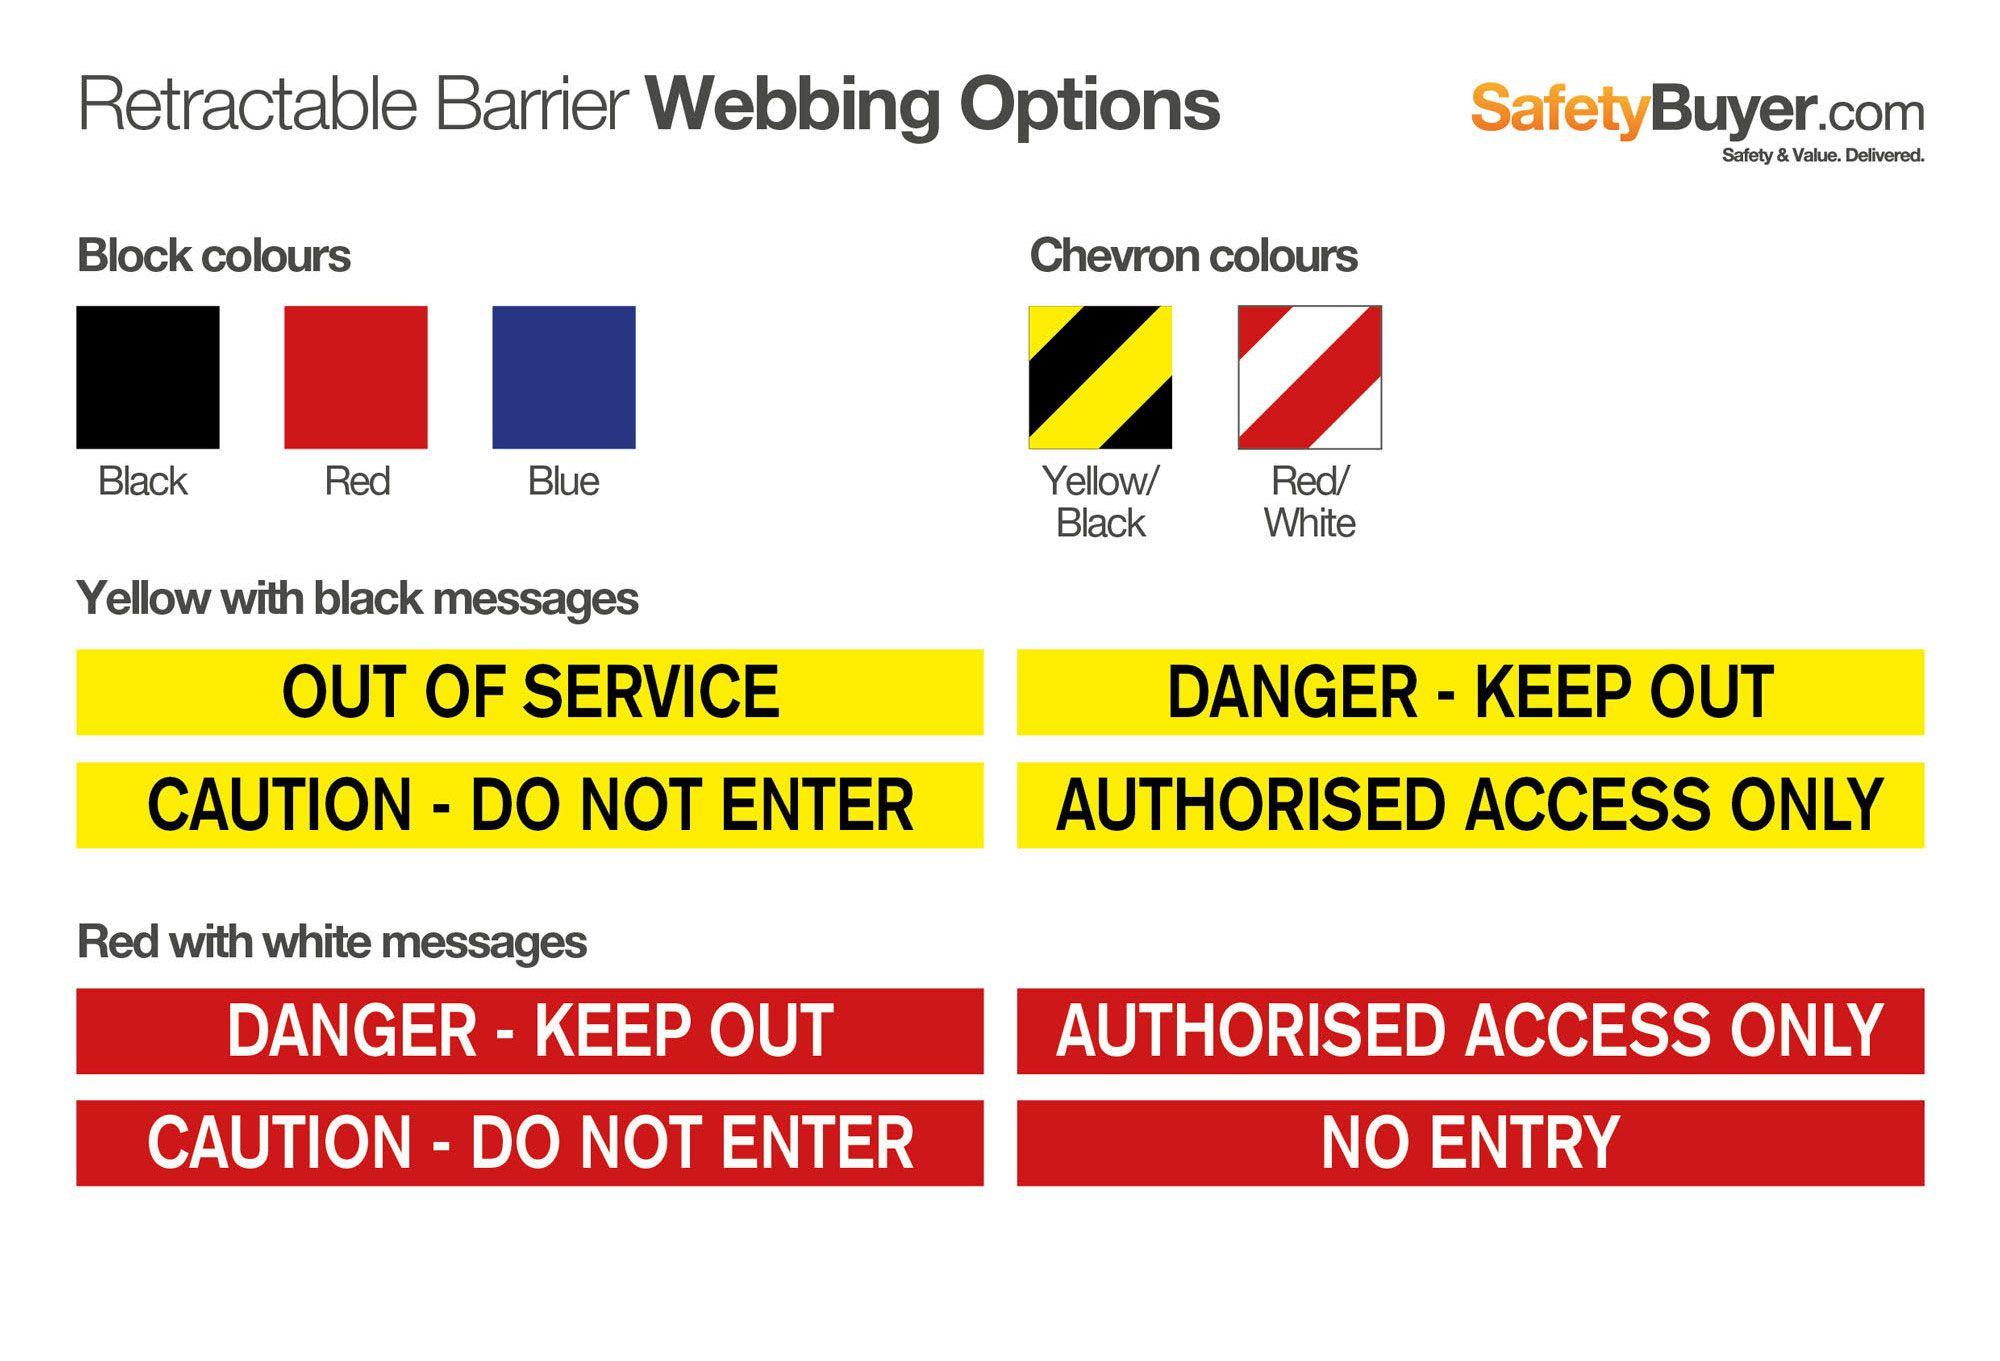 Twin Barrier Webbing Options